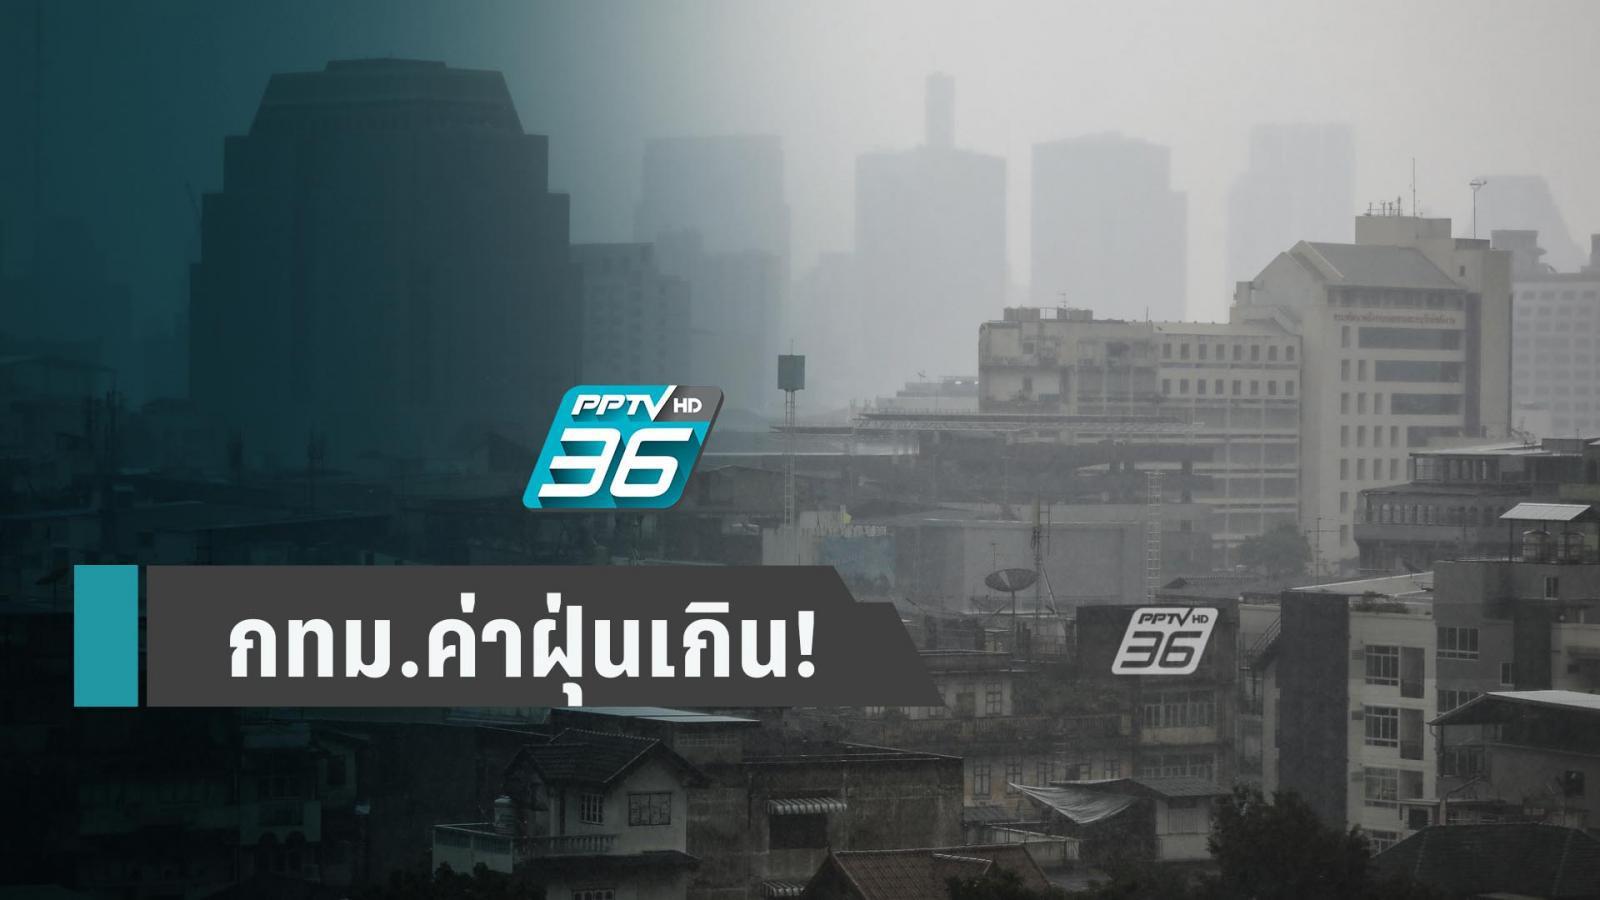 กทม. ค่าฝุ่นละออง PM 2.5 เกินมาตรฐาน 11 พื้นที่